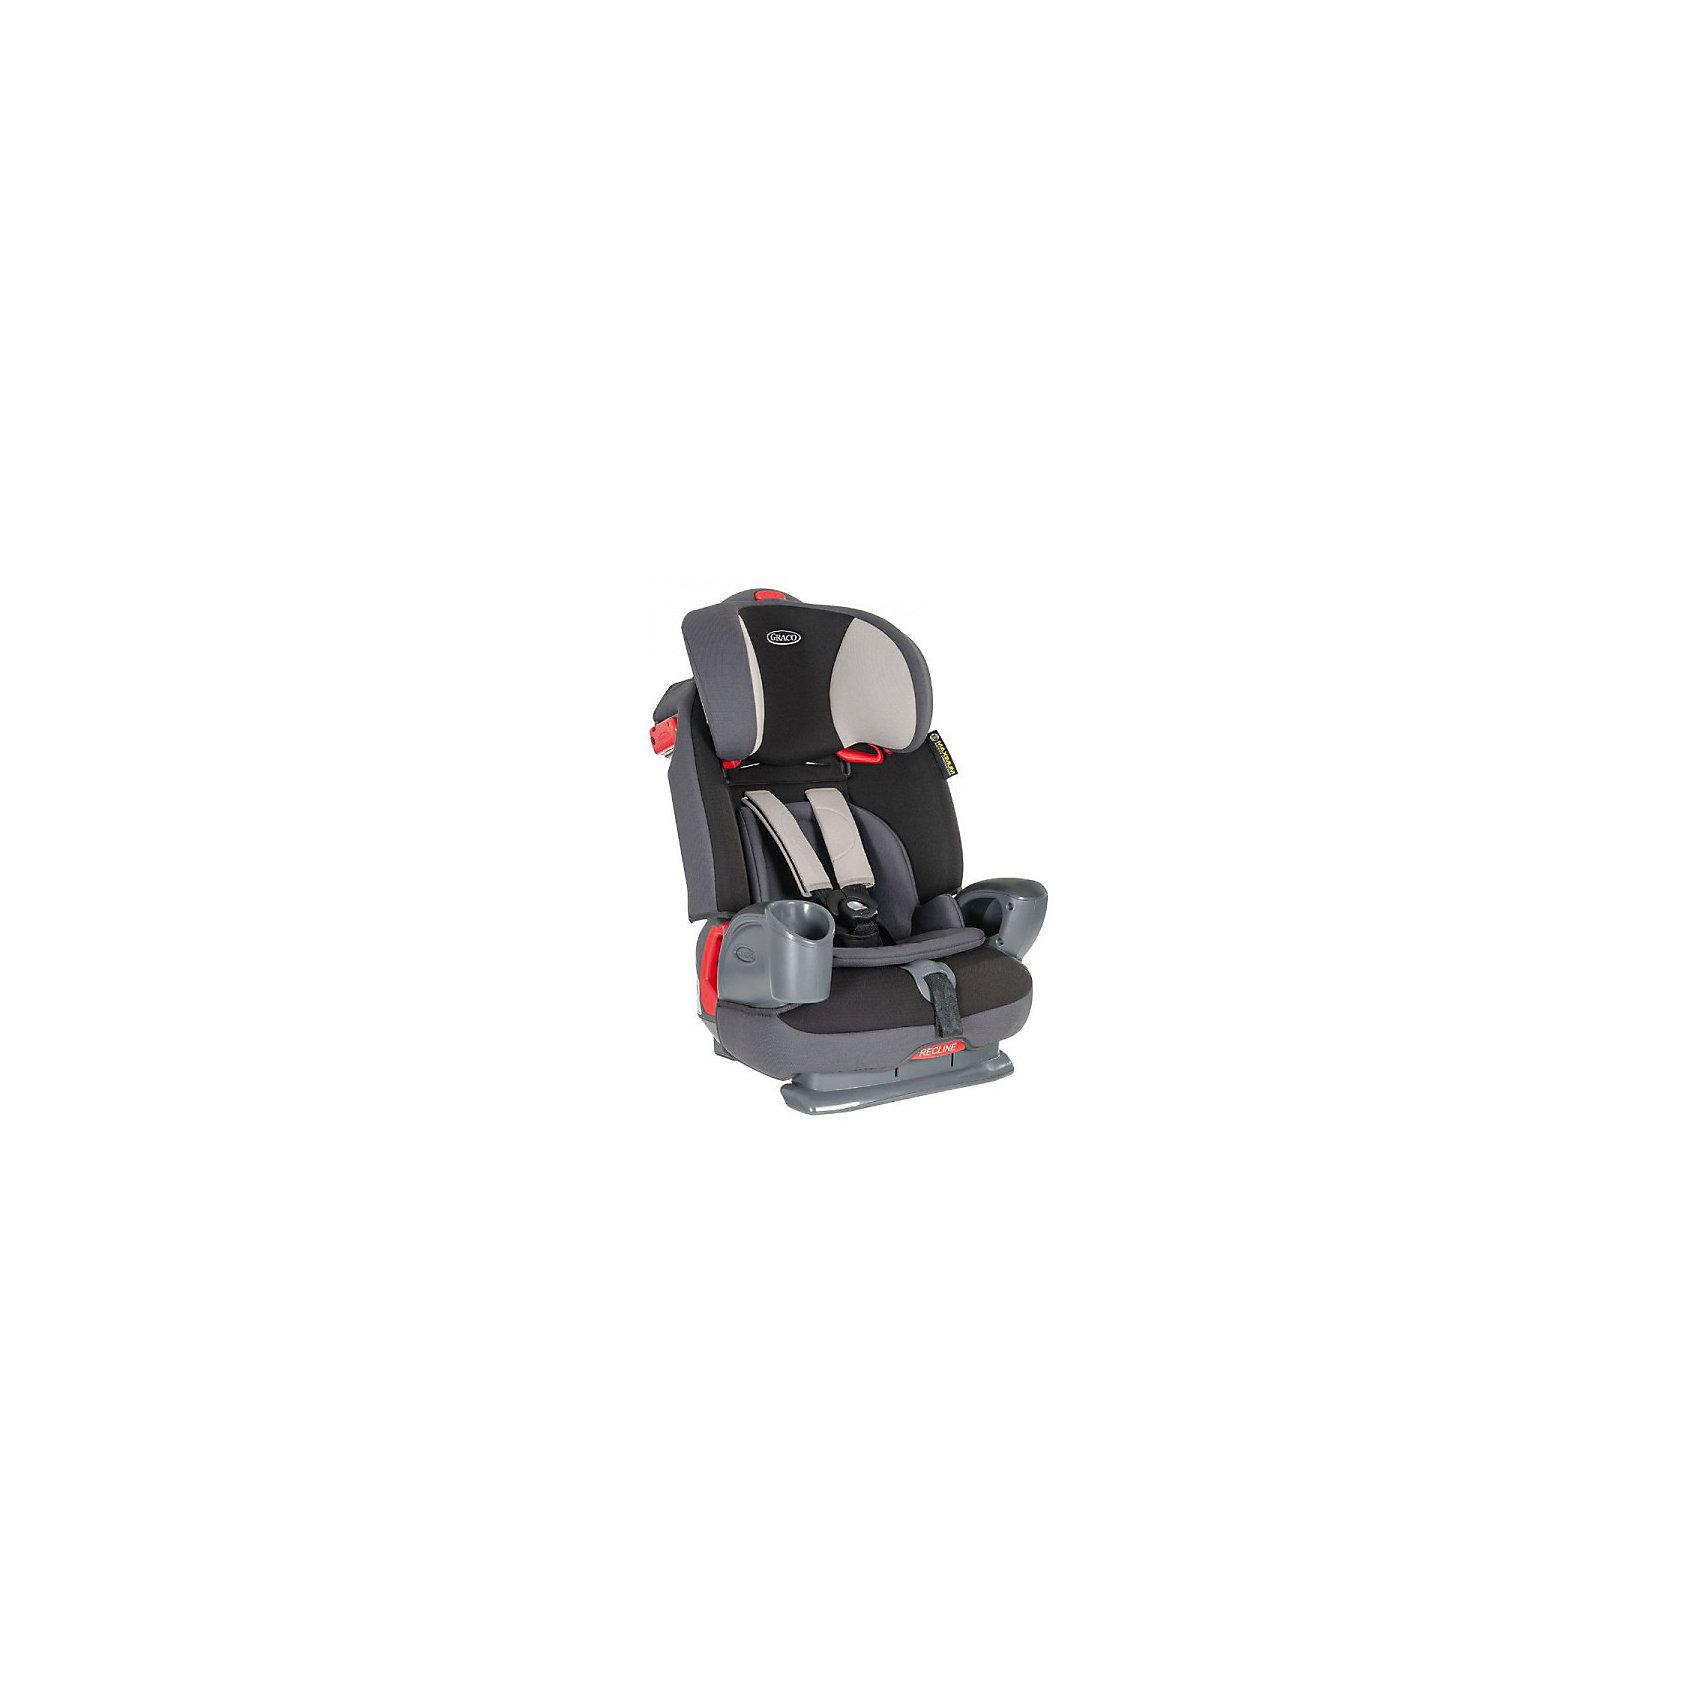 Автокресло Graco Nautilus Aluminium, 9-36кг, LATCH,Группа 1-2-3 (От 9 до 36 кг)<br>Характеристики:<br><br>• группа: 1/2/3;<br>• вес ребенка: 9-36 кг;<br>• возраст ребенка: от 3 до 12 лет;<br>• способ крепления: штатным ремнем безопасности автомобиля;<br>• способ установки: лицом по ходу движения автомобиля;<br>• функция бустера, вес ребенка до 40 кг;<br>• высота спинки регулируется в 3-х положениях;<br>• высота подголовника регулируется по высоте;<br>• подлокотники имеют нишу для телефона и подстаканник для бутылочки;<br>• материал: металл, пластик, полиэстер;<br>• размеры автокресла: 50x52x75 см;<br>• вес: 11,7 кг.<br><br>Автокресло Nautilus Aluminium представляет собой универсальное кресло 3в1 для путешествий с ребенком старше 3-х лет вплоть до достижения им 12-ти лет. Автокресло оснащено ремнями безопасности с мягкими накладками, ремни регулируются по длине и высоте. Спинка автокресла снимается, получается бустер для путешествия с ребенком весом от 25 кг. Высота подголовника и угол наклона спинки регулируются, ребенок может занять удобное положение для сна. Предусмотрена дополнительная защиты от боковых ударов. Чехол автокресла можно стирать при температуре 30 градусов.<br><br>Автокресло Nautilus Aluminium, 9-36кг, LATCH, Graco можно купить в нашем интернет-магазине.<br><br>Ширина мм: 520<br>Глубина мм: 500<br>Высота мм: 750<br>Вес г: 11000<br>Возраст от месяцев: 9<br>Возраст до месяцев: 144<br>Пол: Унисекс<br>Возраст: Детский<br>SKU: 5388609